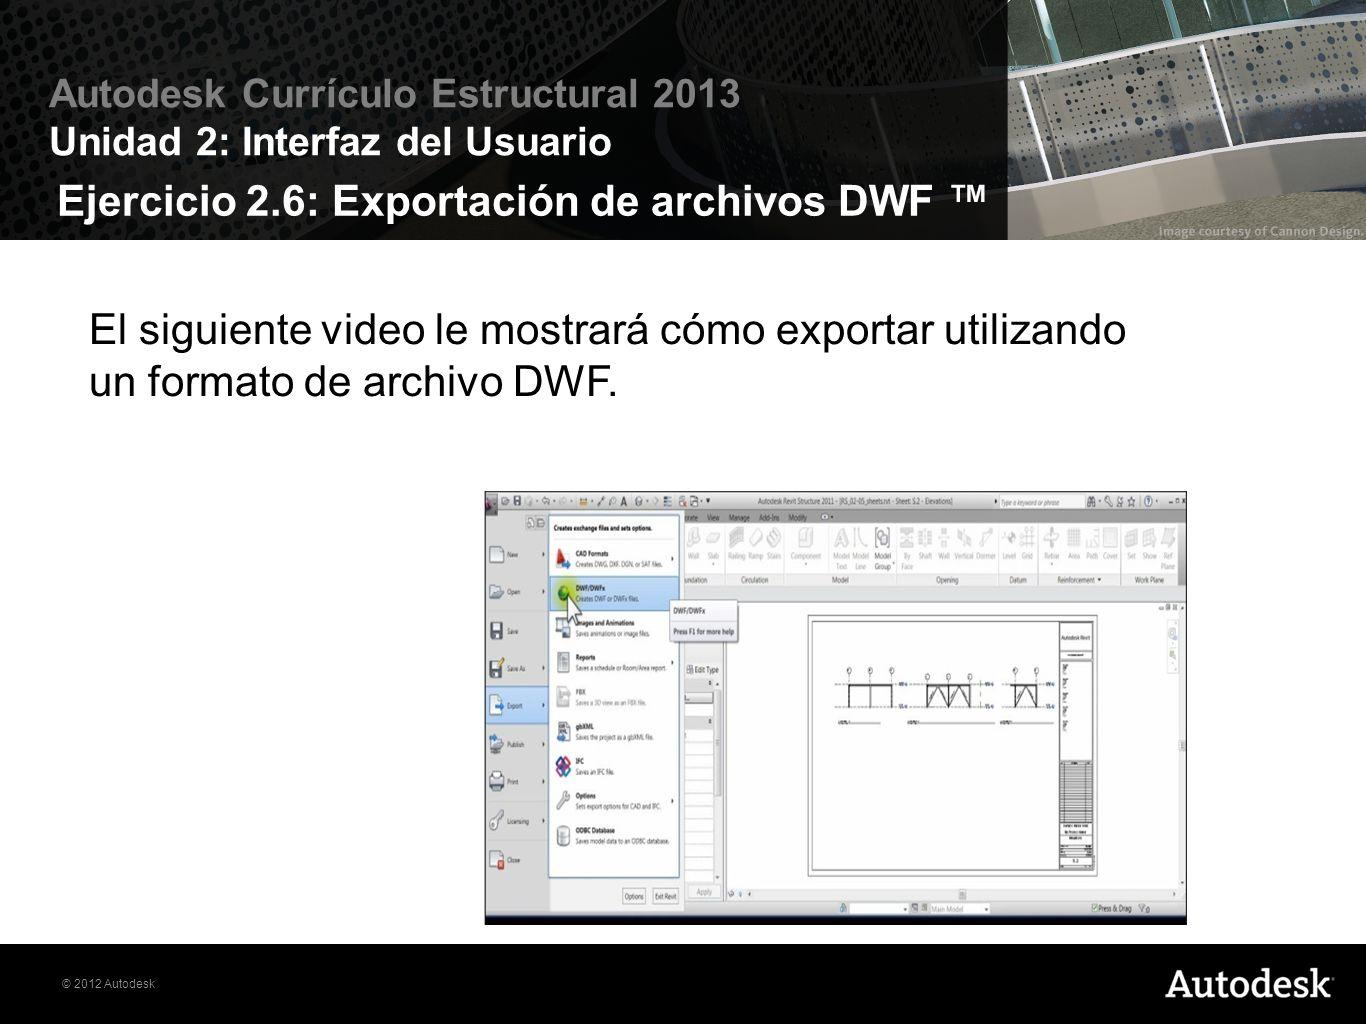 Ejercicio 2.6: Exportación de archivos DWF ™